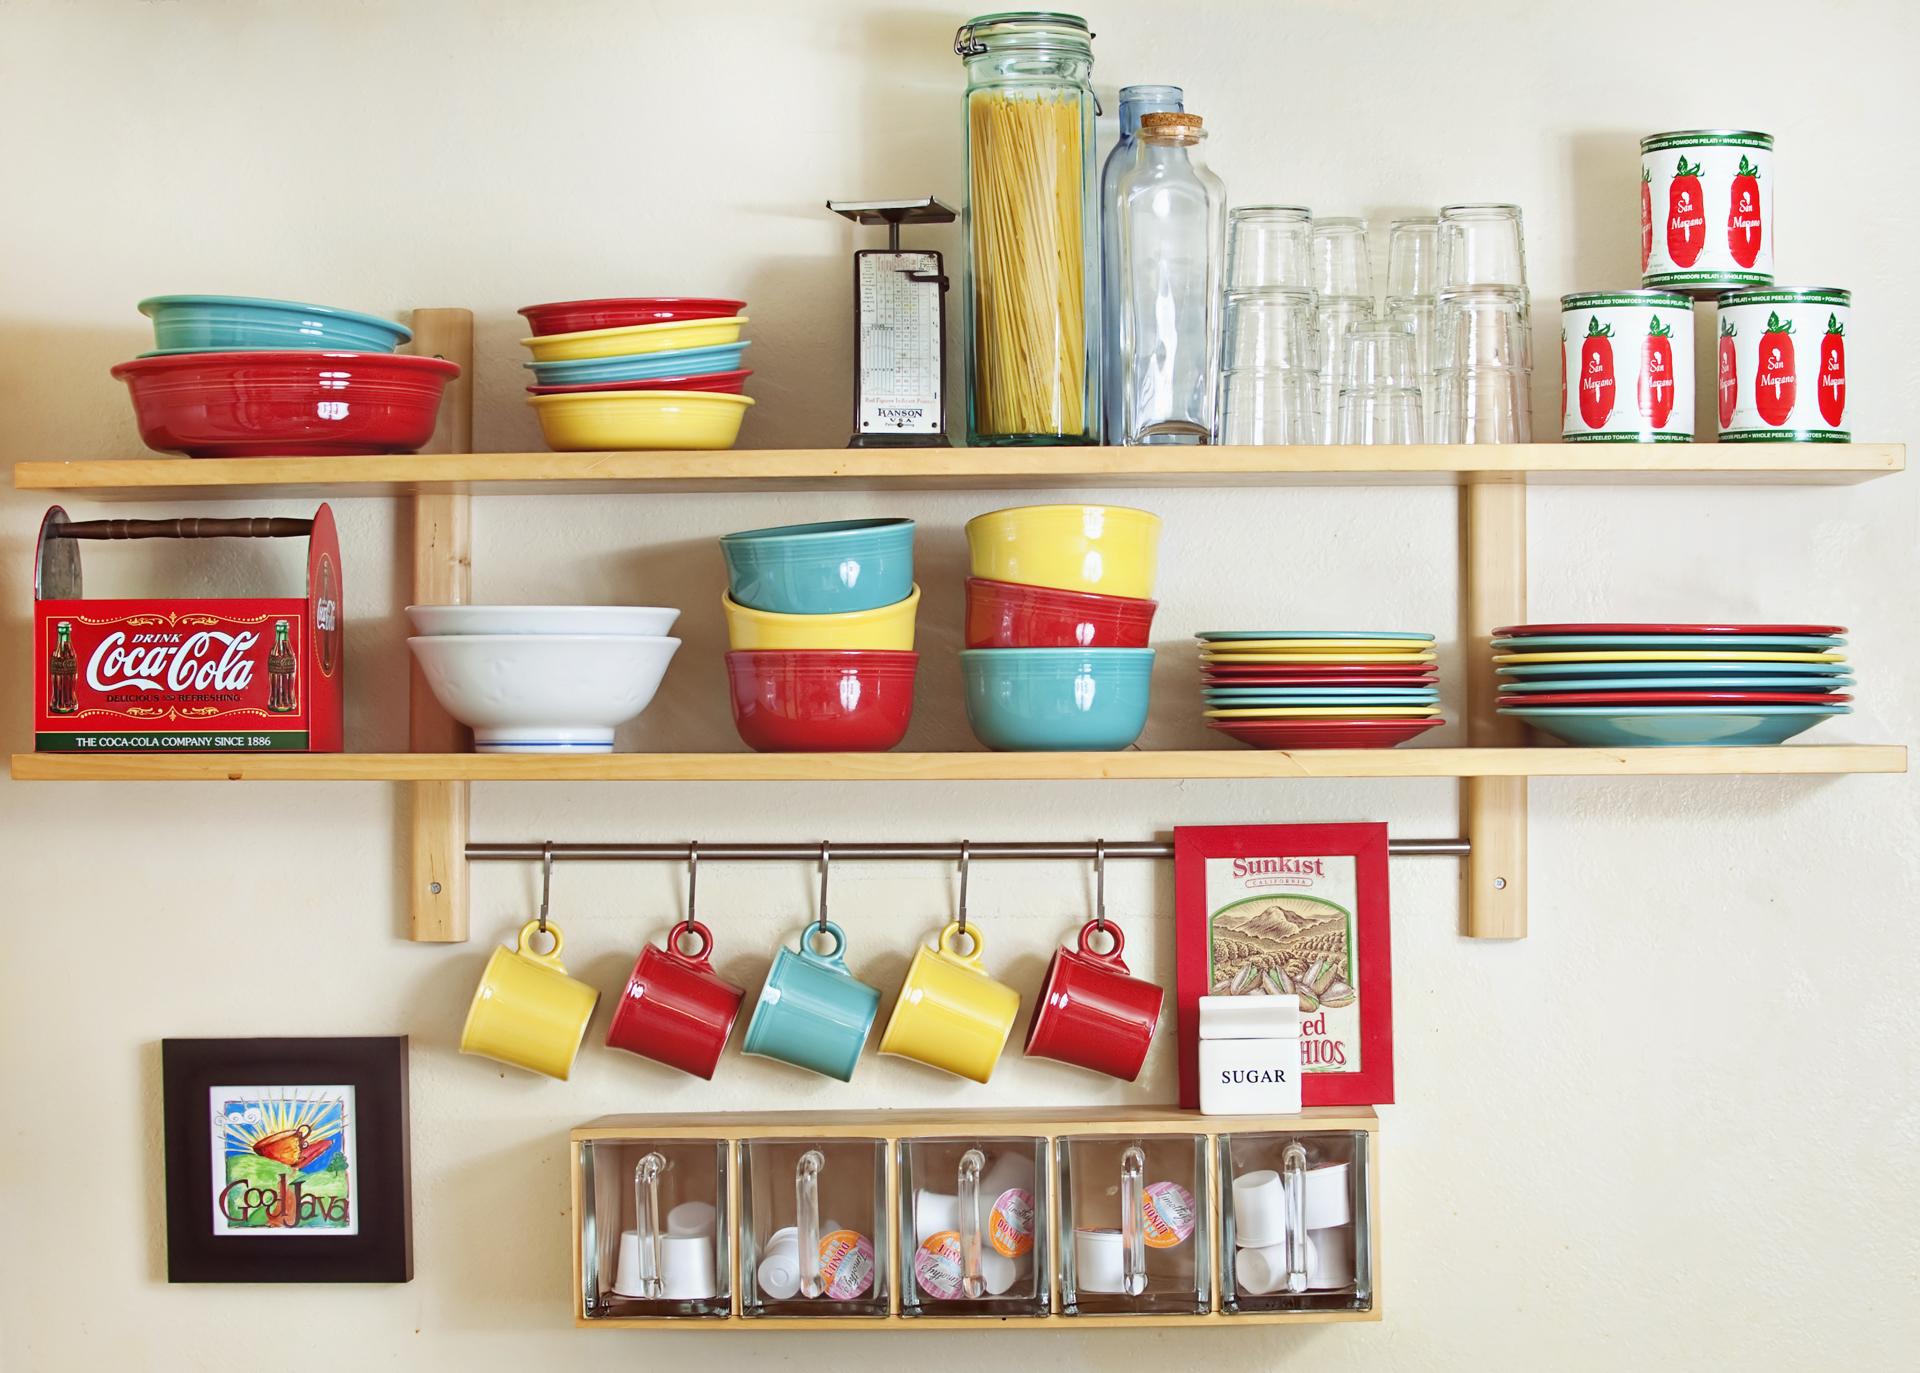 ちょっとしたアイデアでおしゃれな見せる収納のキッチンが実現出来るのサムネイル画像